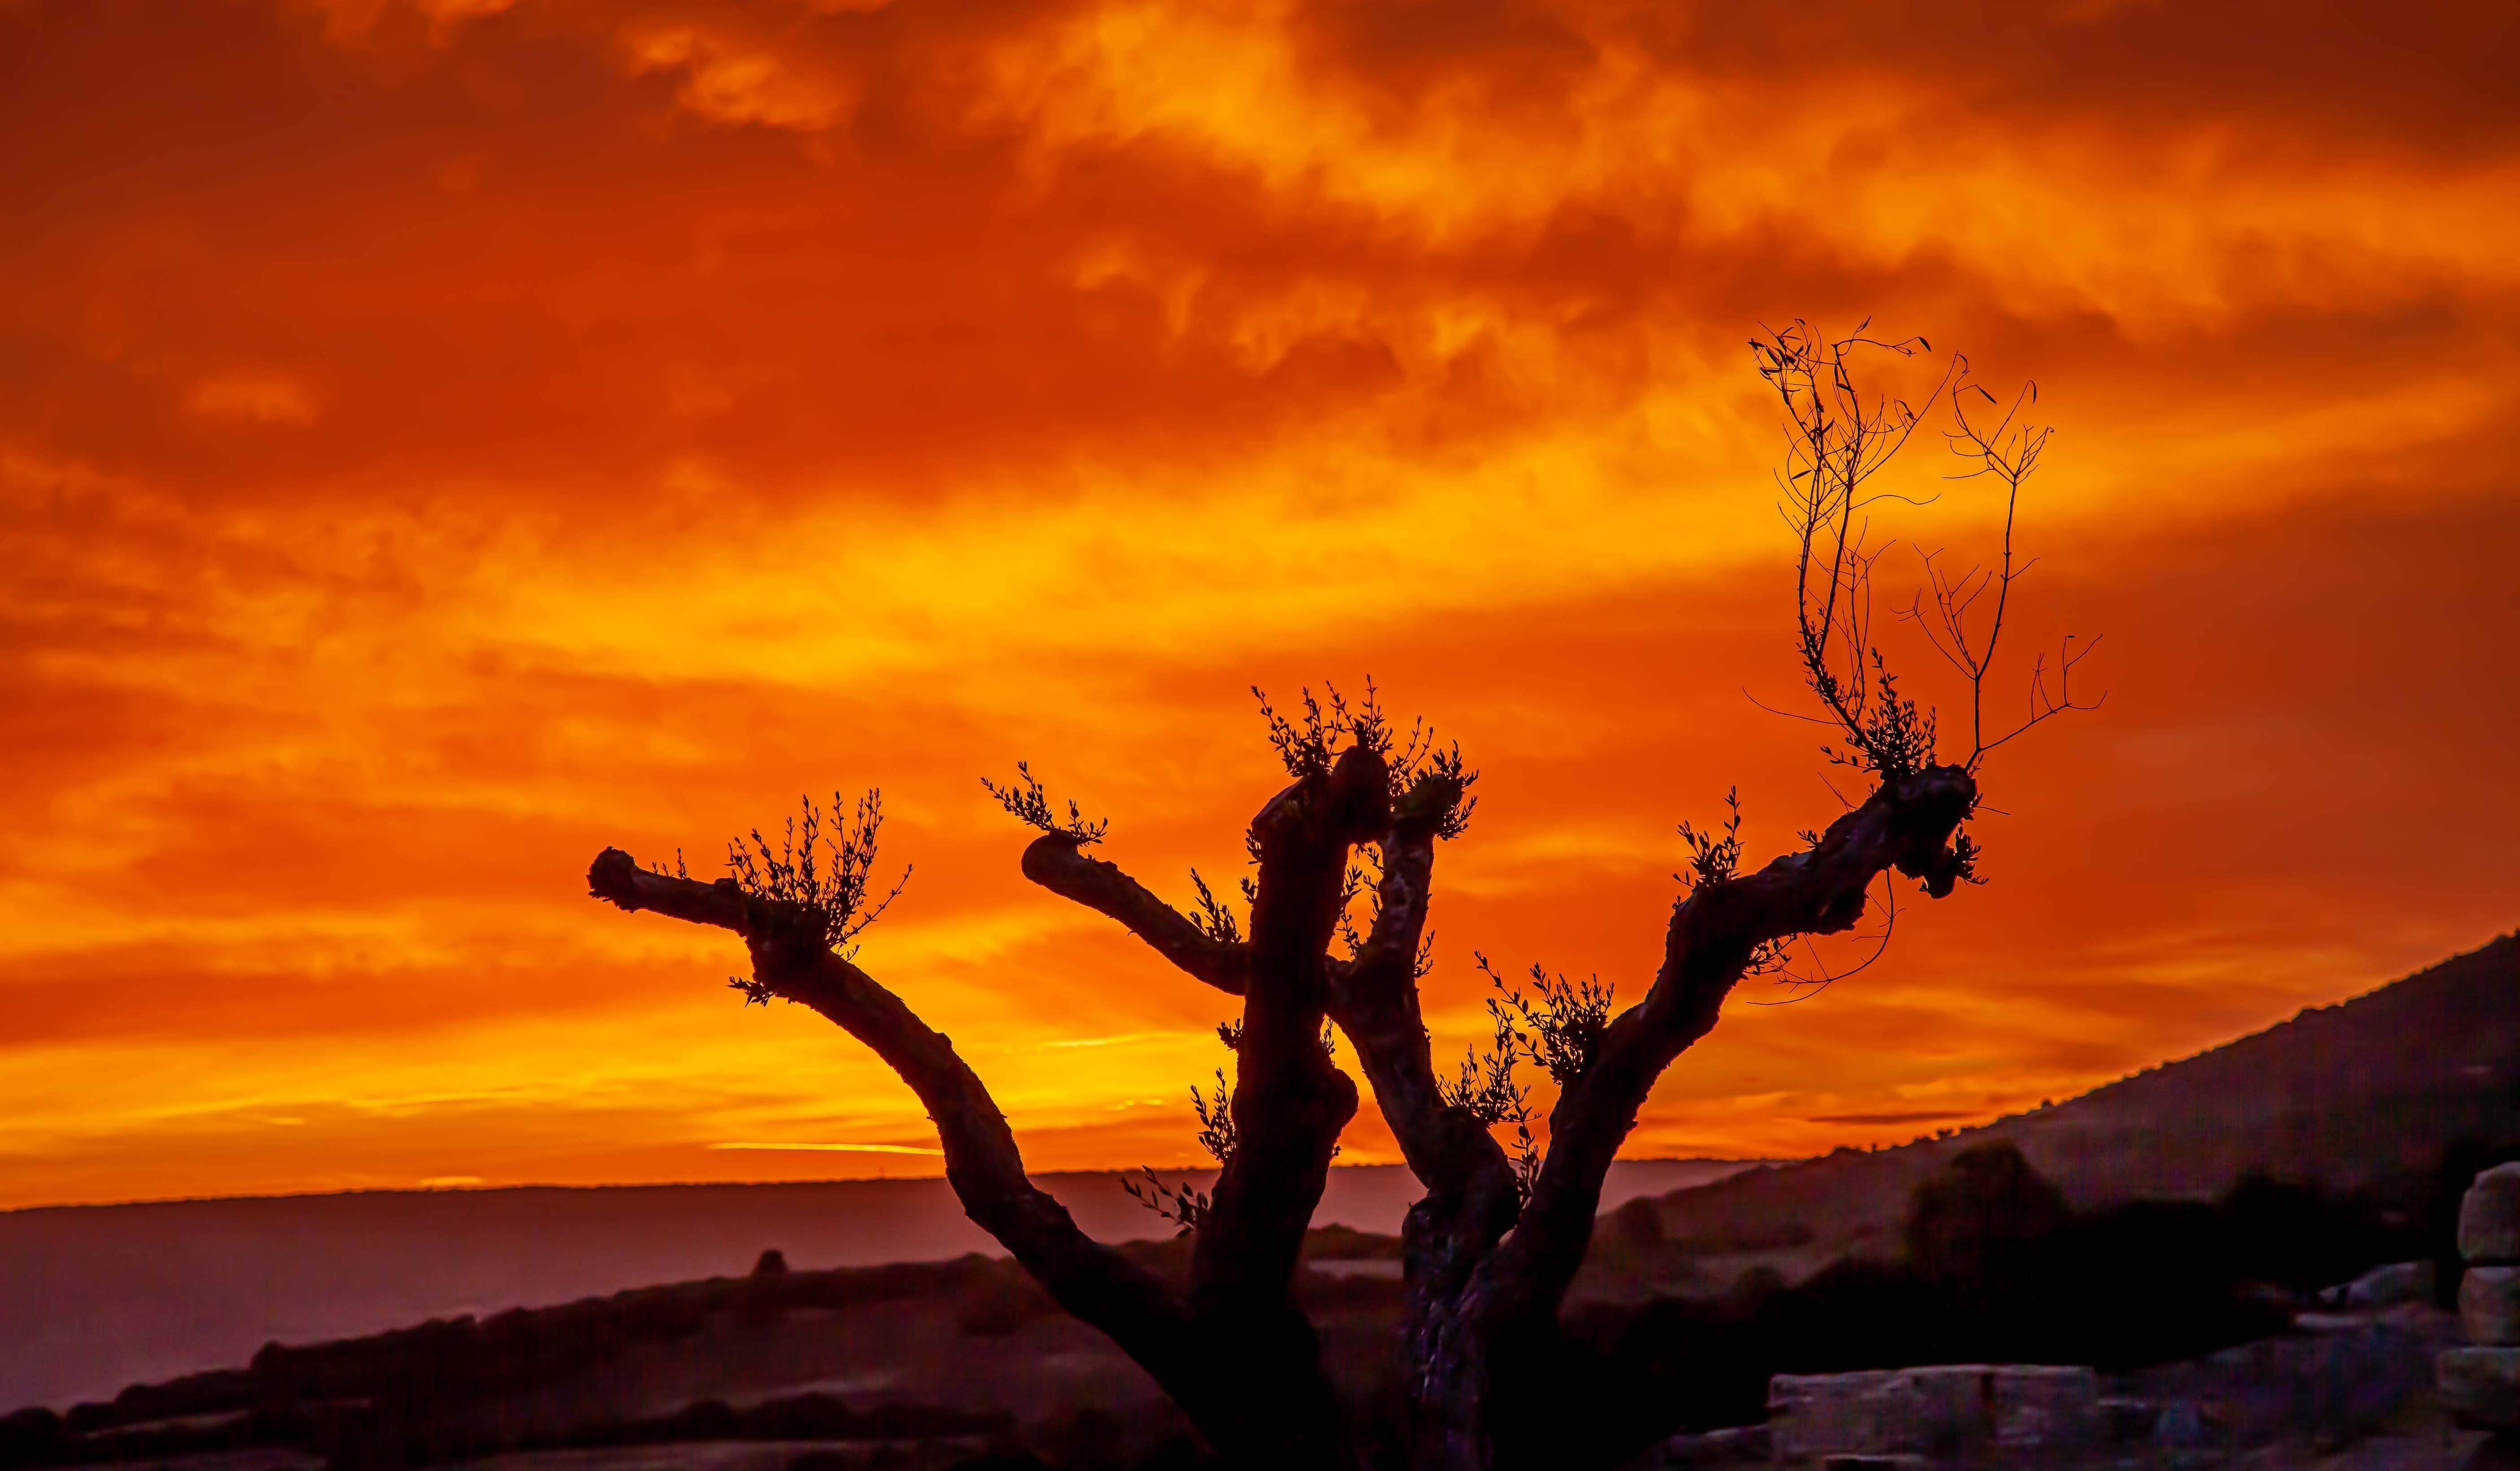 Nach Sonnenuntergang erstrahlt der Himmel für Minuten in gelb-roten Tönen.